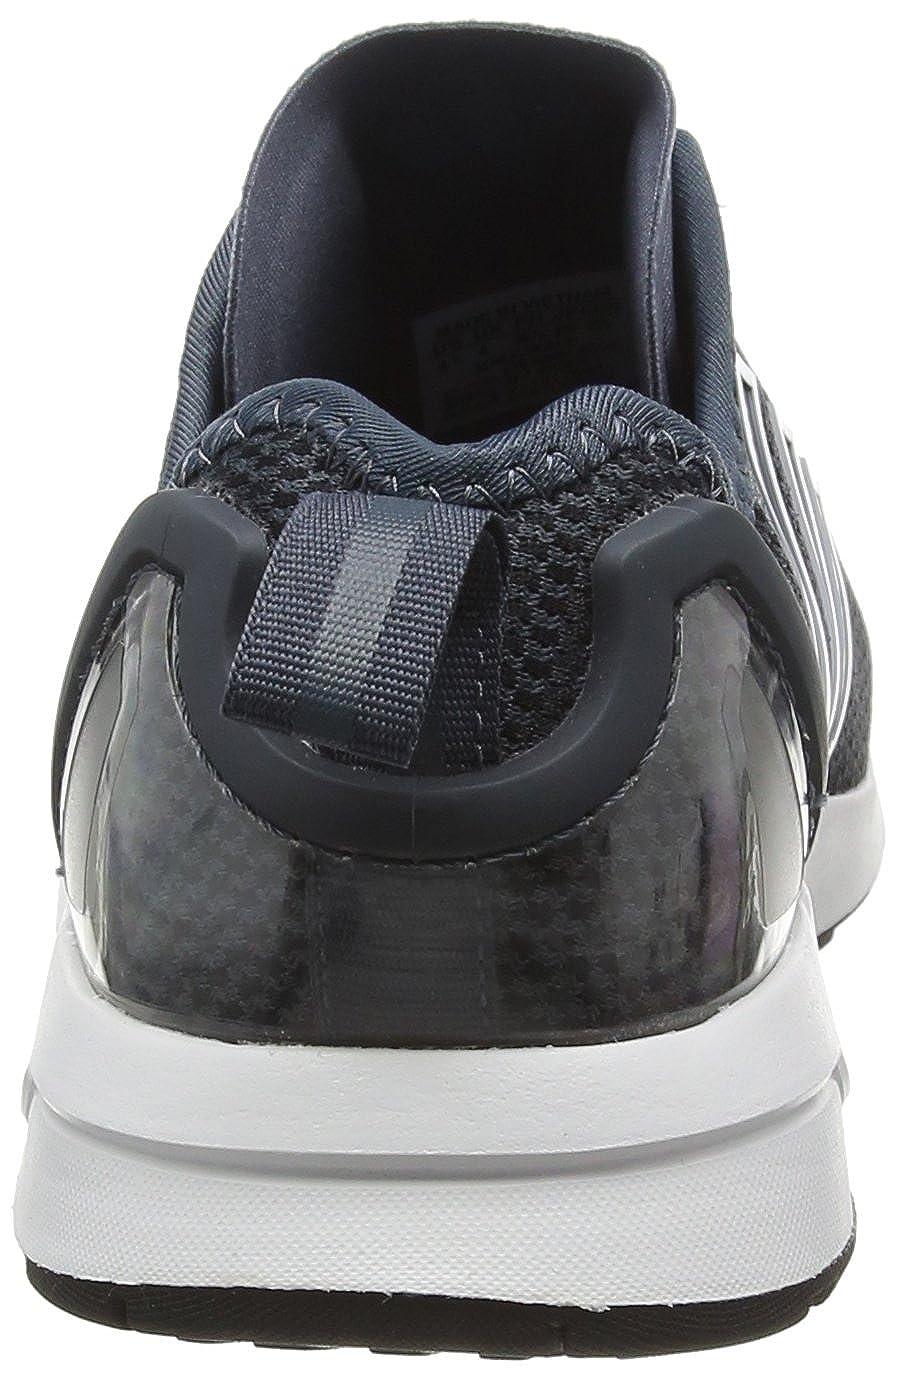 m. / mme adidas unisexe unisexe unisexe adultes « zx - chaussures de course riche flux hauteHommes t appréciée et largeHommes t confiance conception ne au pays et à l'étranger, une grande variété de marchandises bb13786 506644